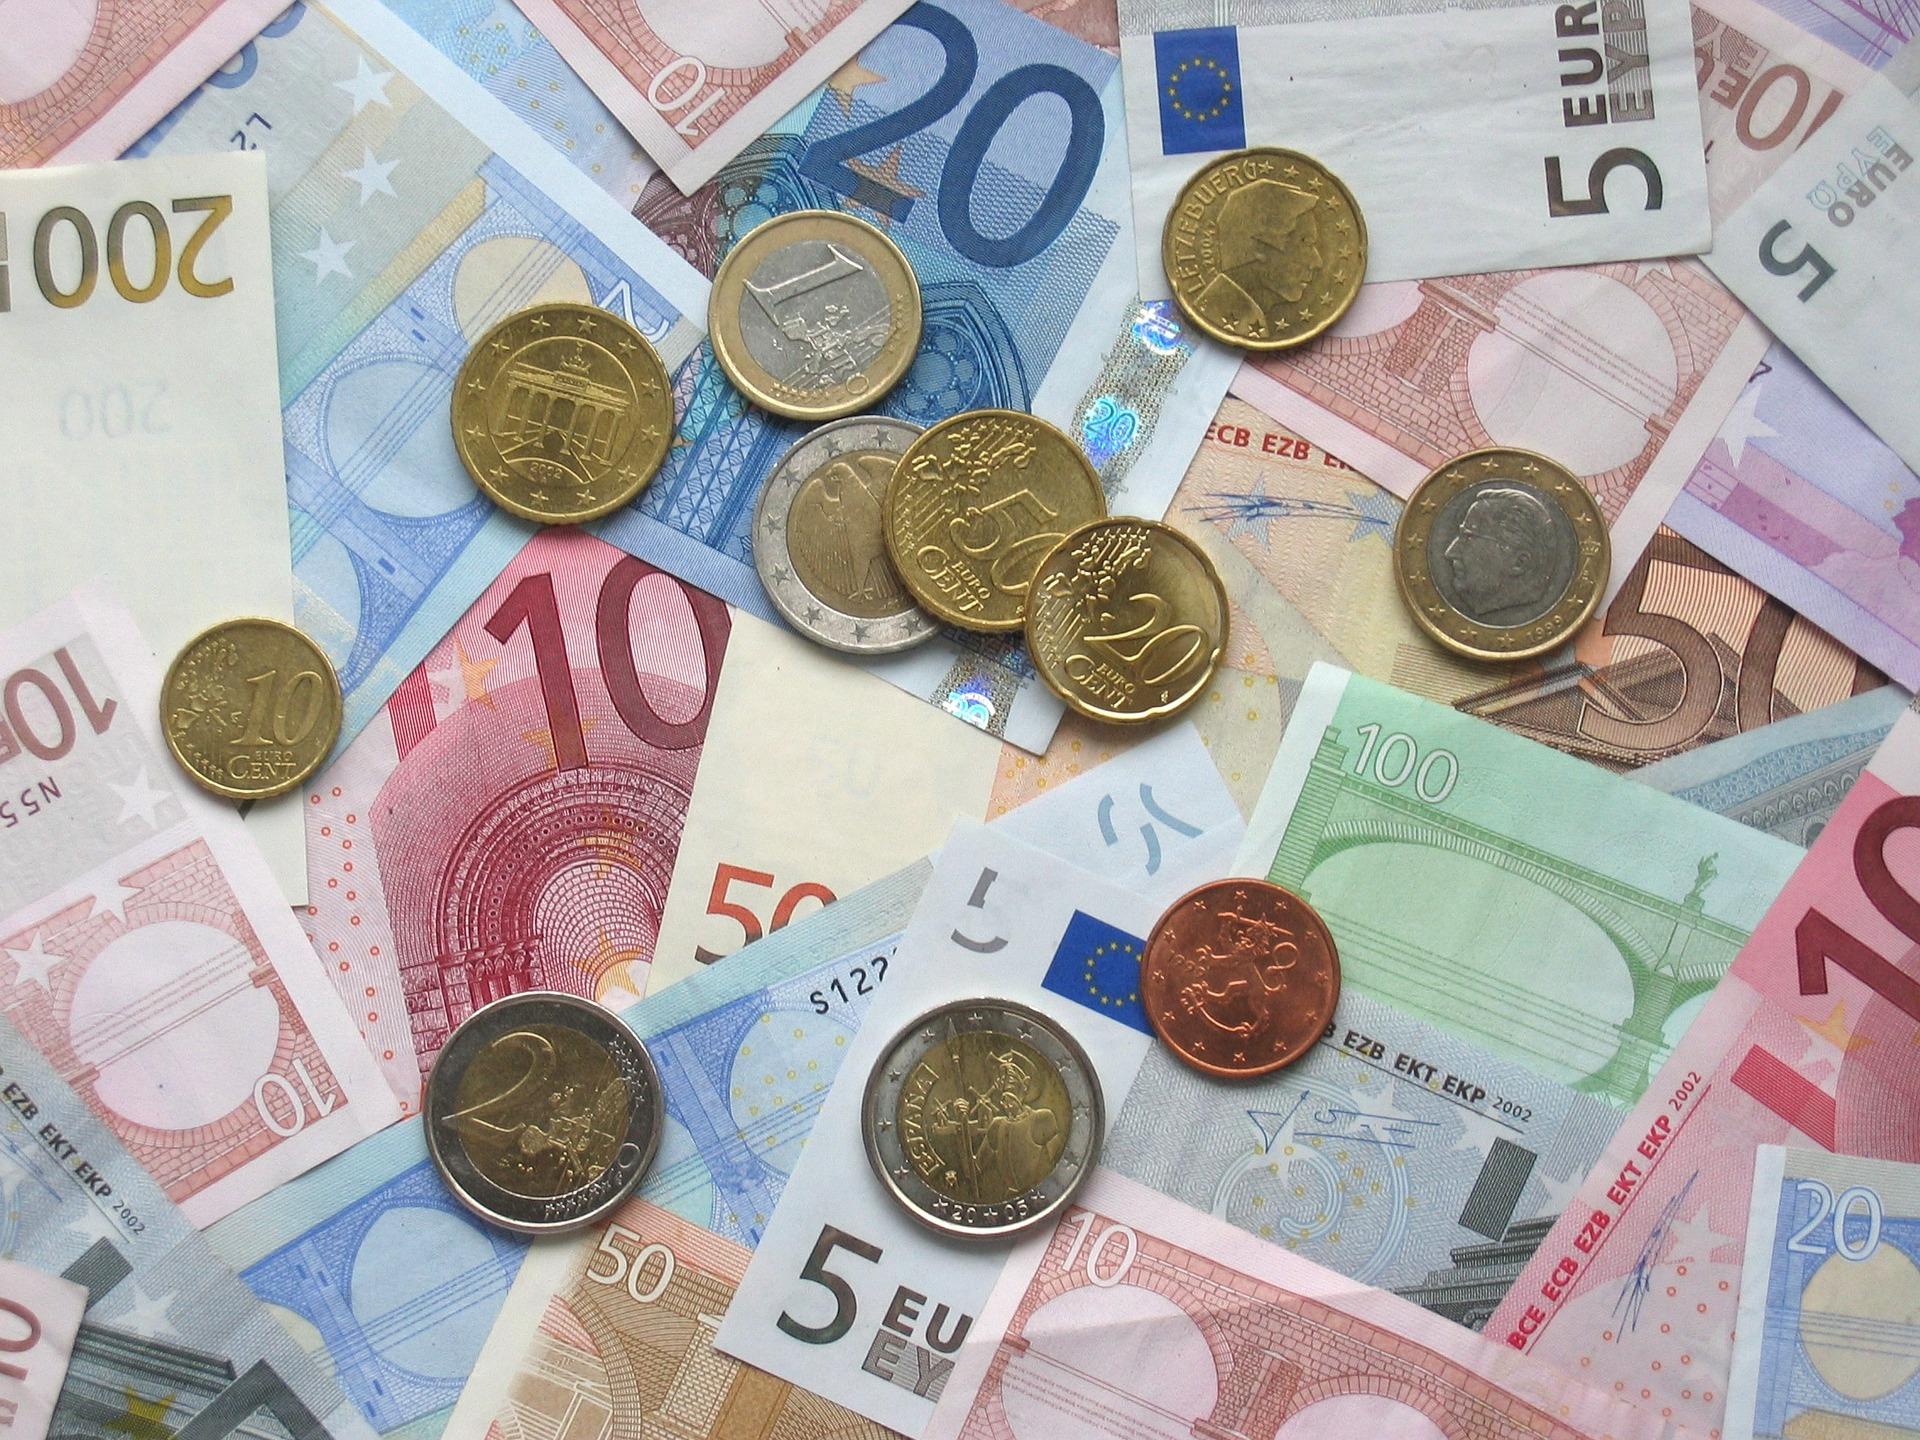 Verschiedene Euroscheine, die die gesamte Tischfläche abdecken. Zusätzlich wurden auf die Scheine einige Münzen gelegt. Dies symbolisiert die immensen Lohn-Rückzahlungen und Abfindungen, die bei einer Kündigungsschutzklage zustande kommen können.